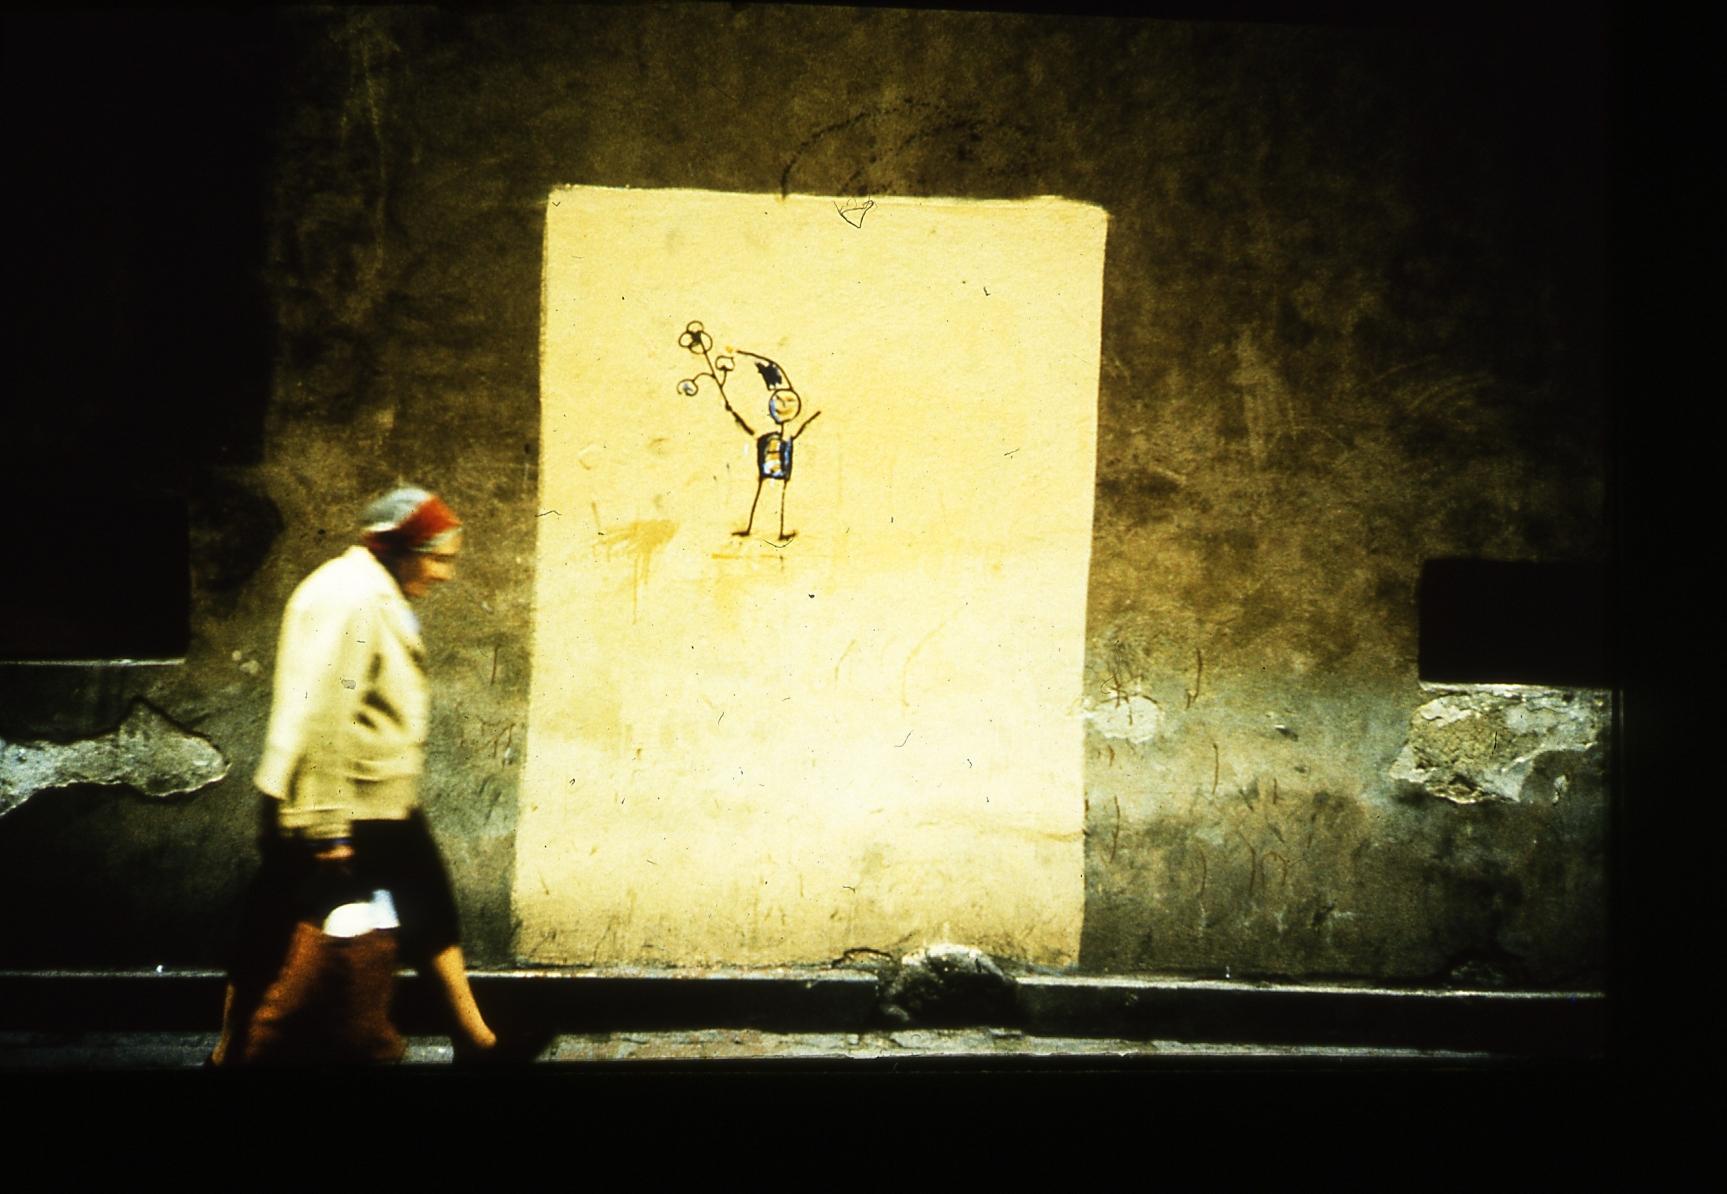 Rysunki krasnoludków na murach w czasie stanu wojennego, fot. T. Sikorski